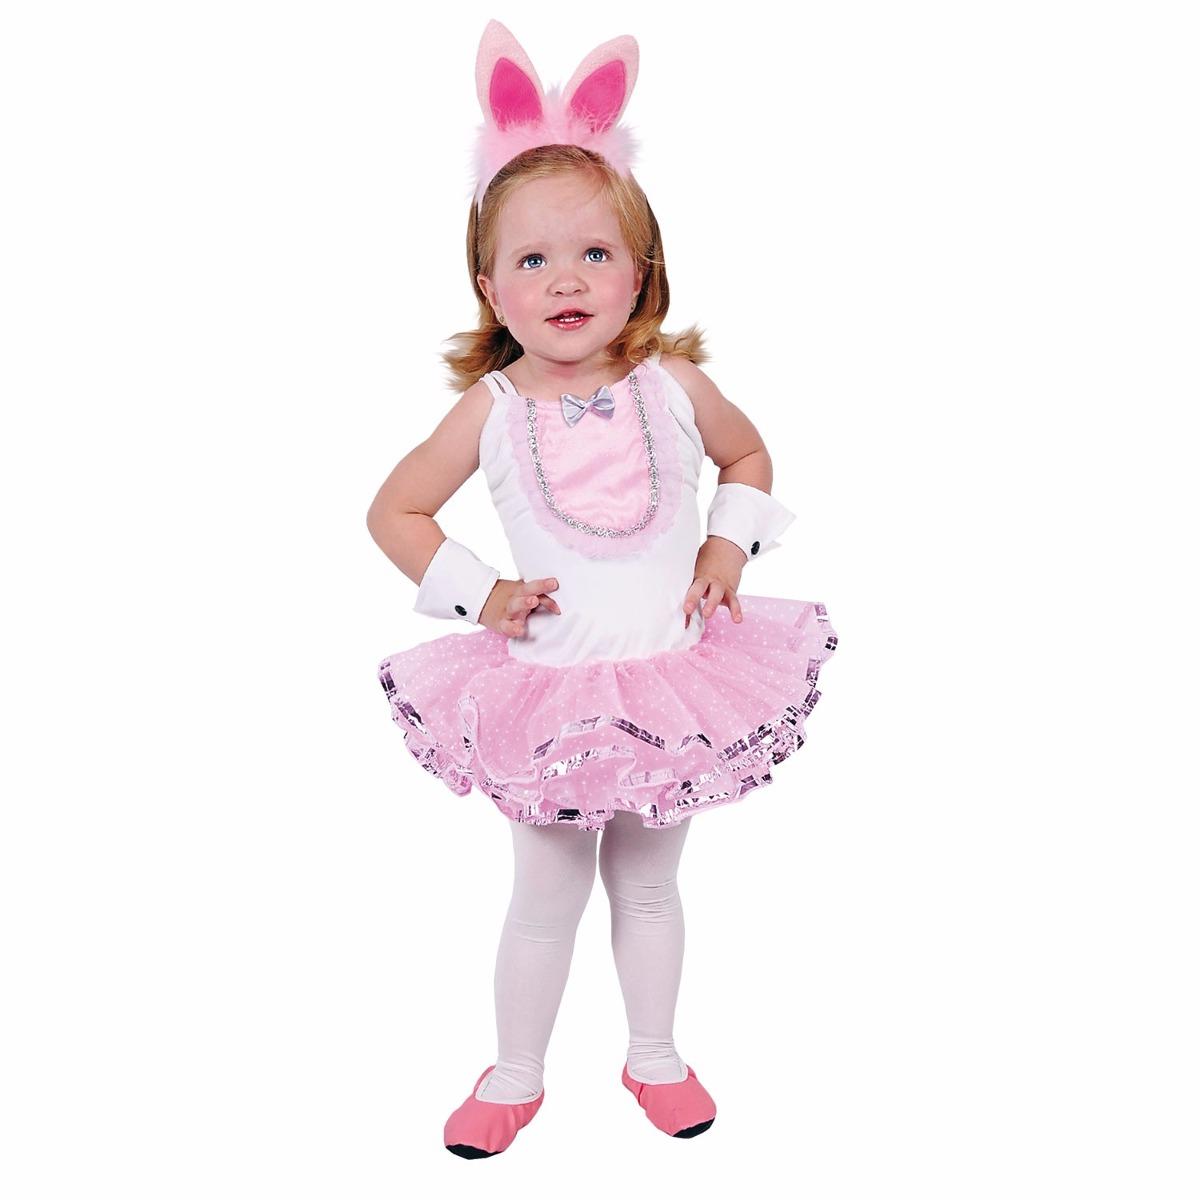 Disfraz disfraces carnavalito conejita bebe traje cintillo - Disfraces para bebes nina ...